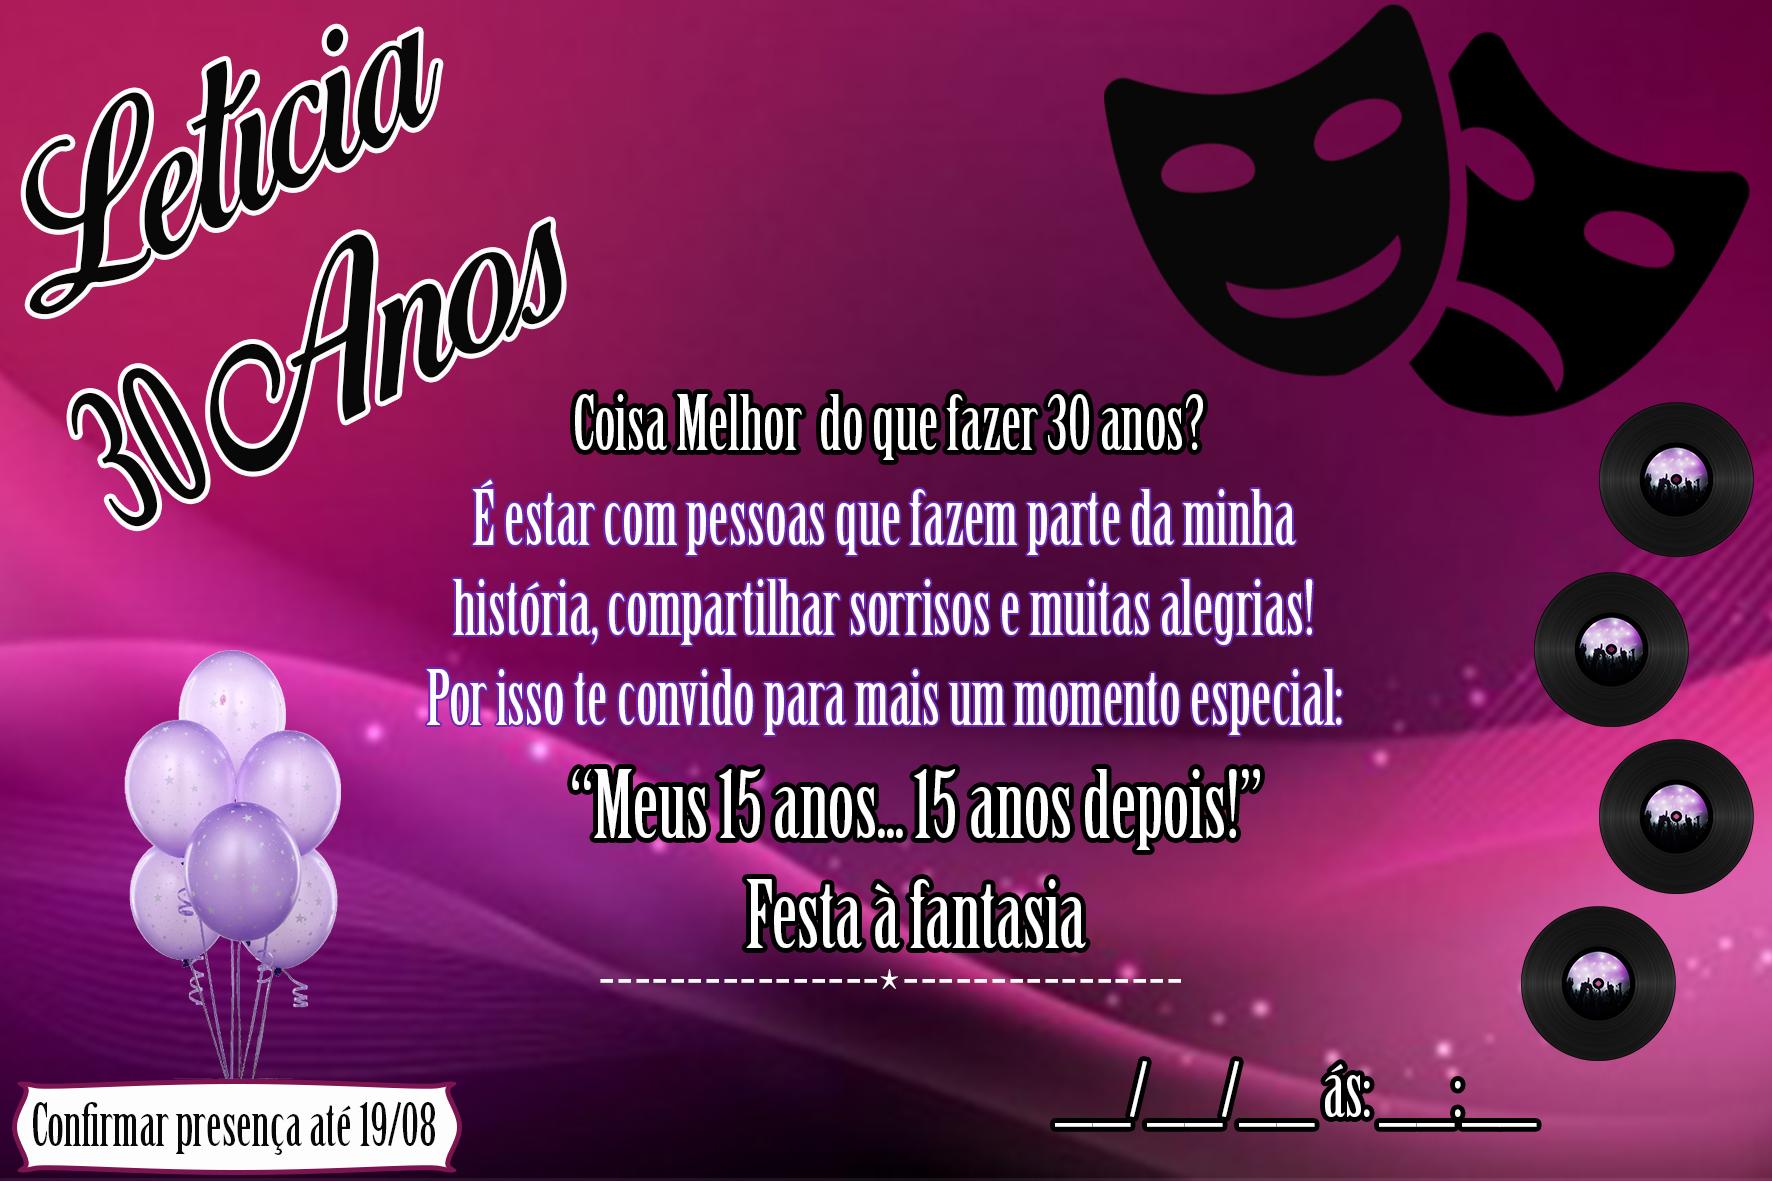 Convite Virtual Festa A Fantasia No Elo7 Piu Piu Personalizados